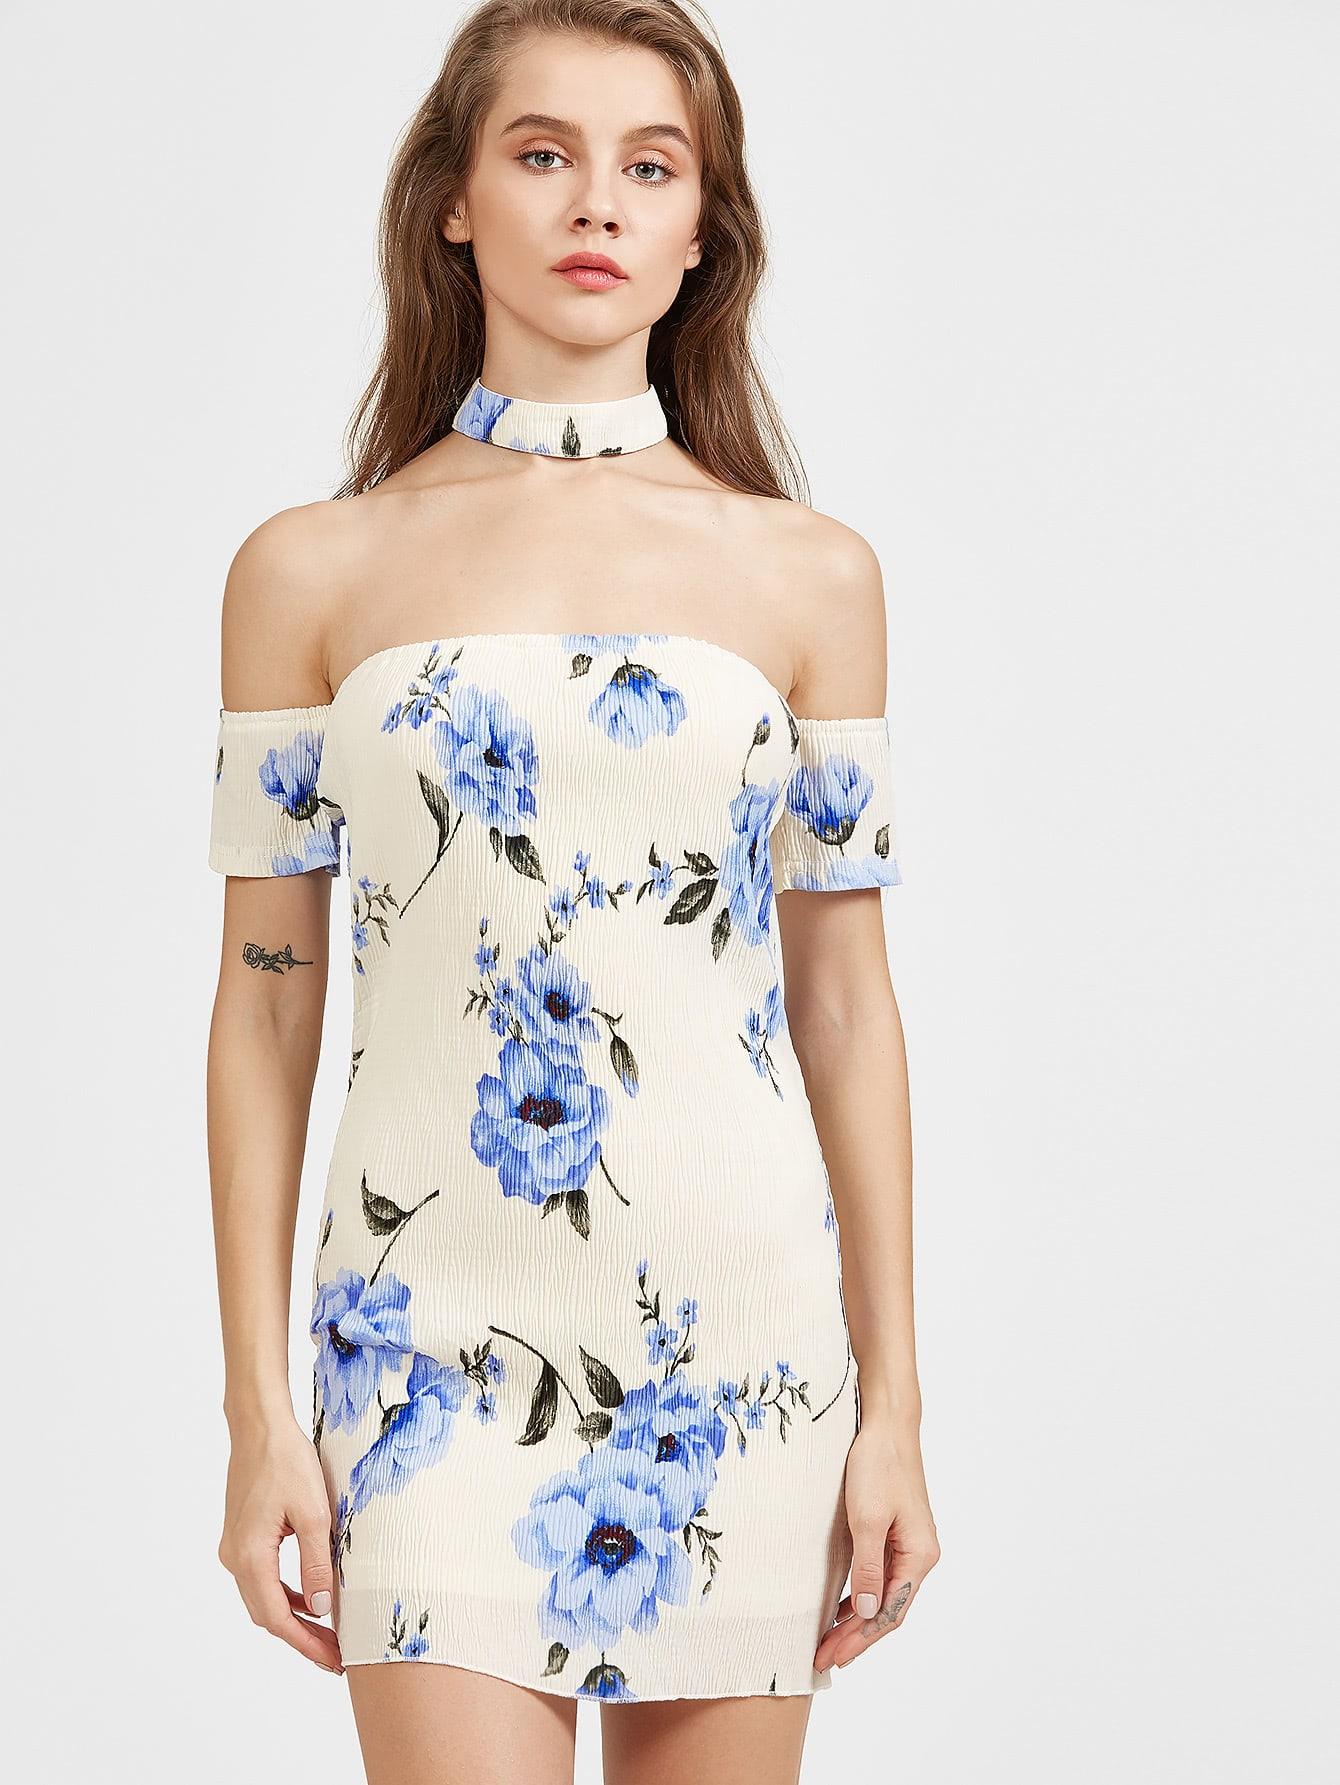 dress170120444_2